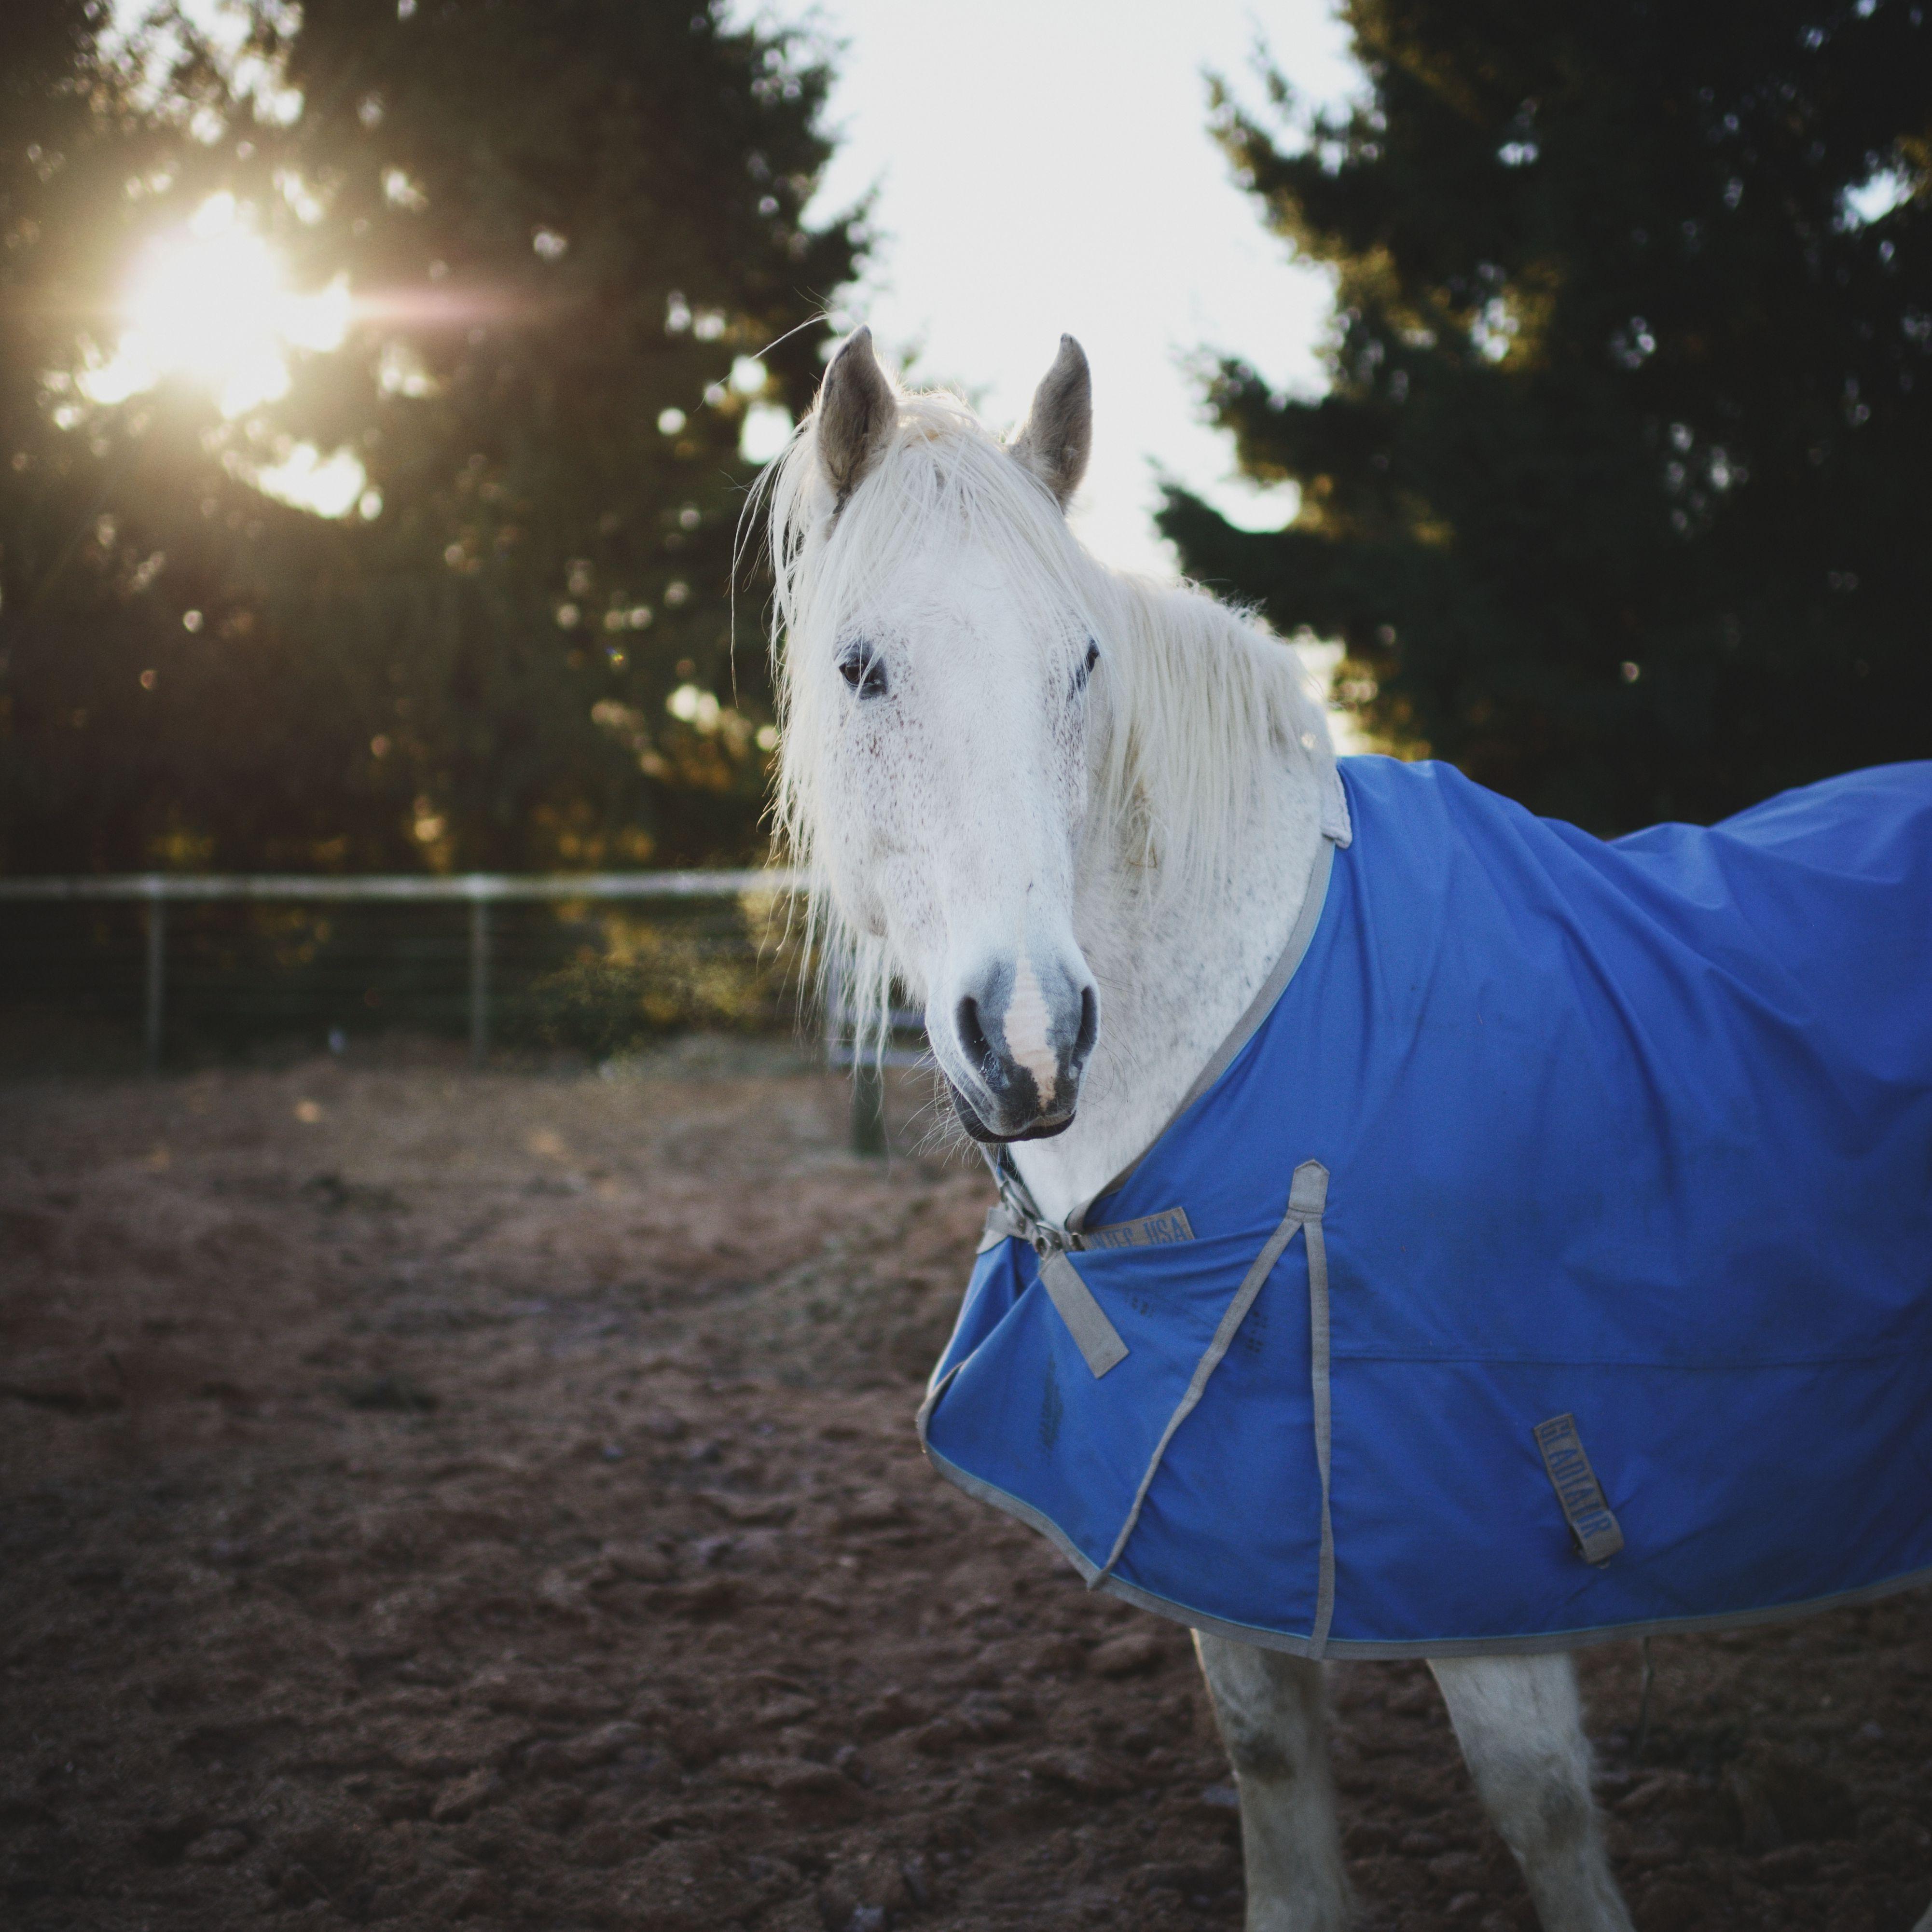 Un caballo blanco con una manta en la granja.